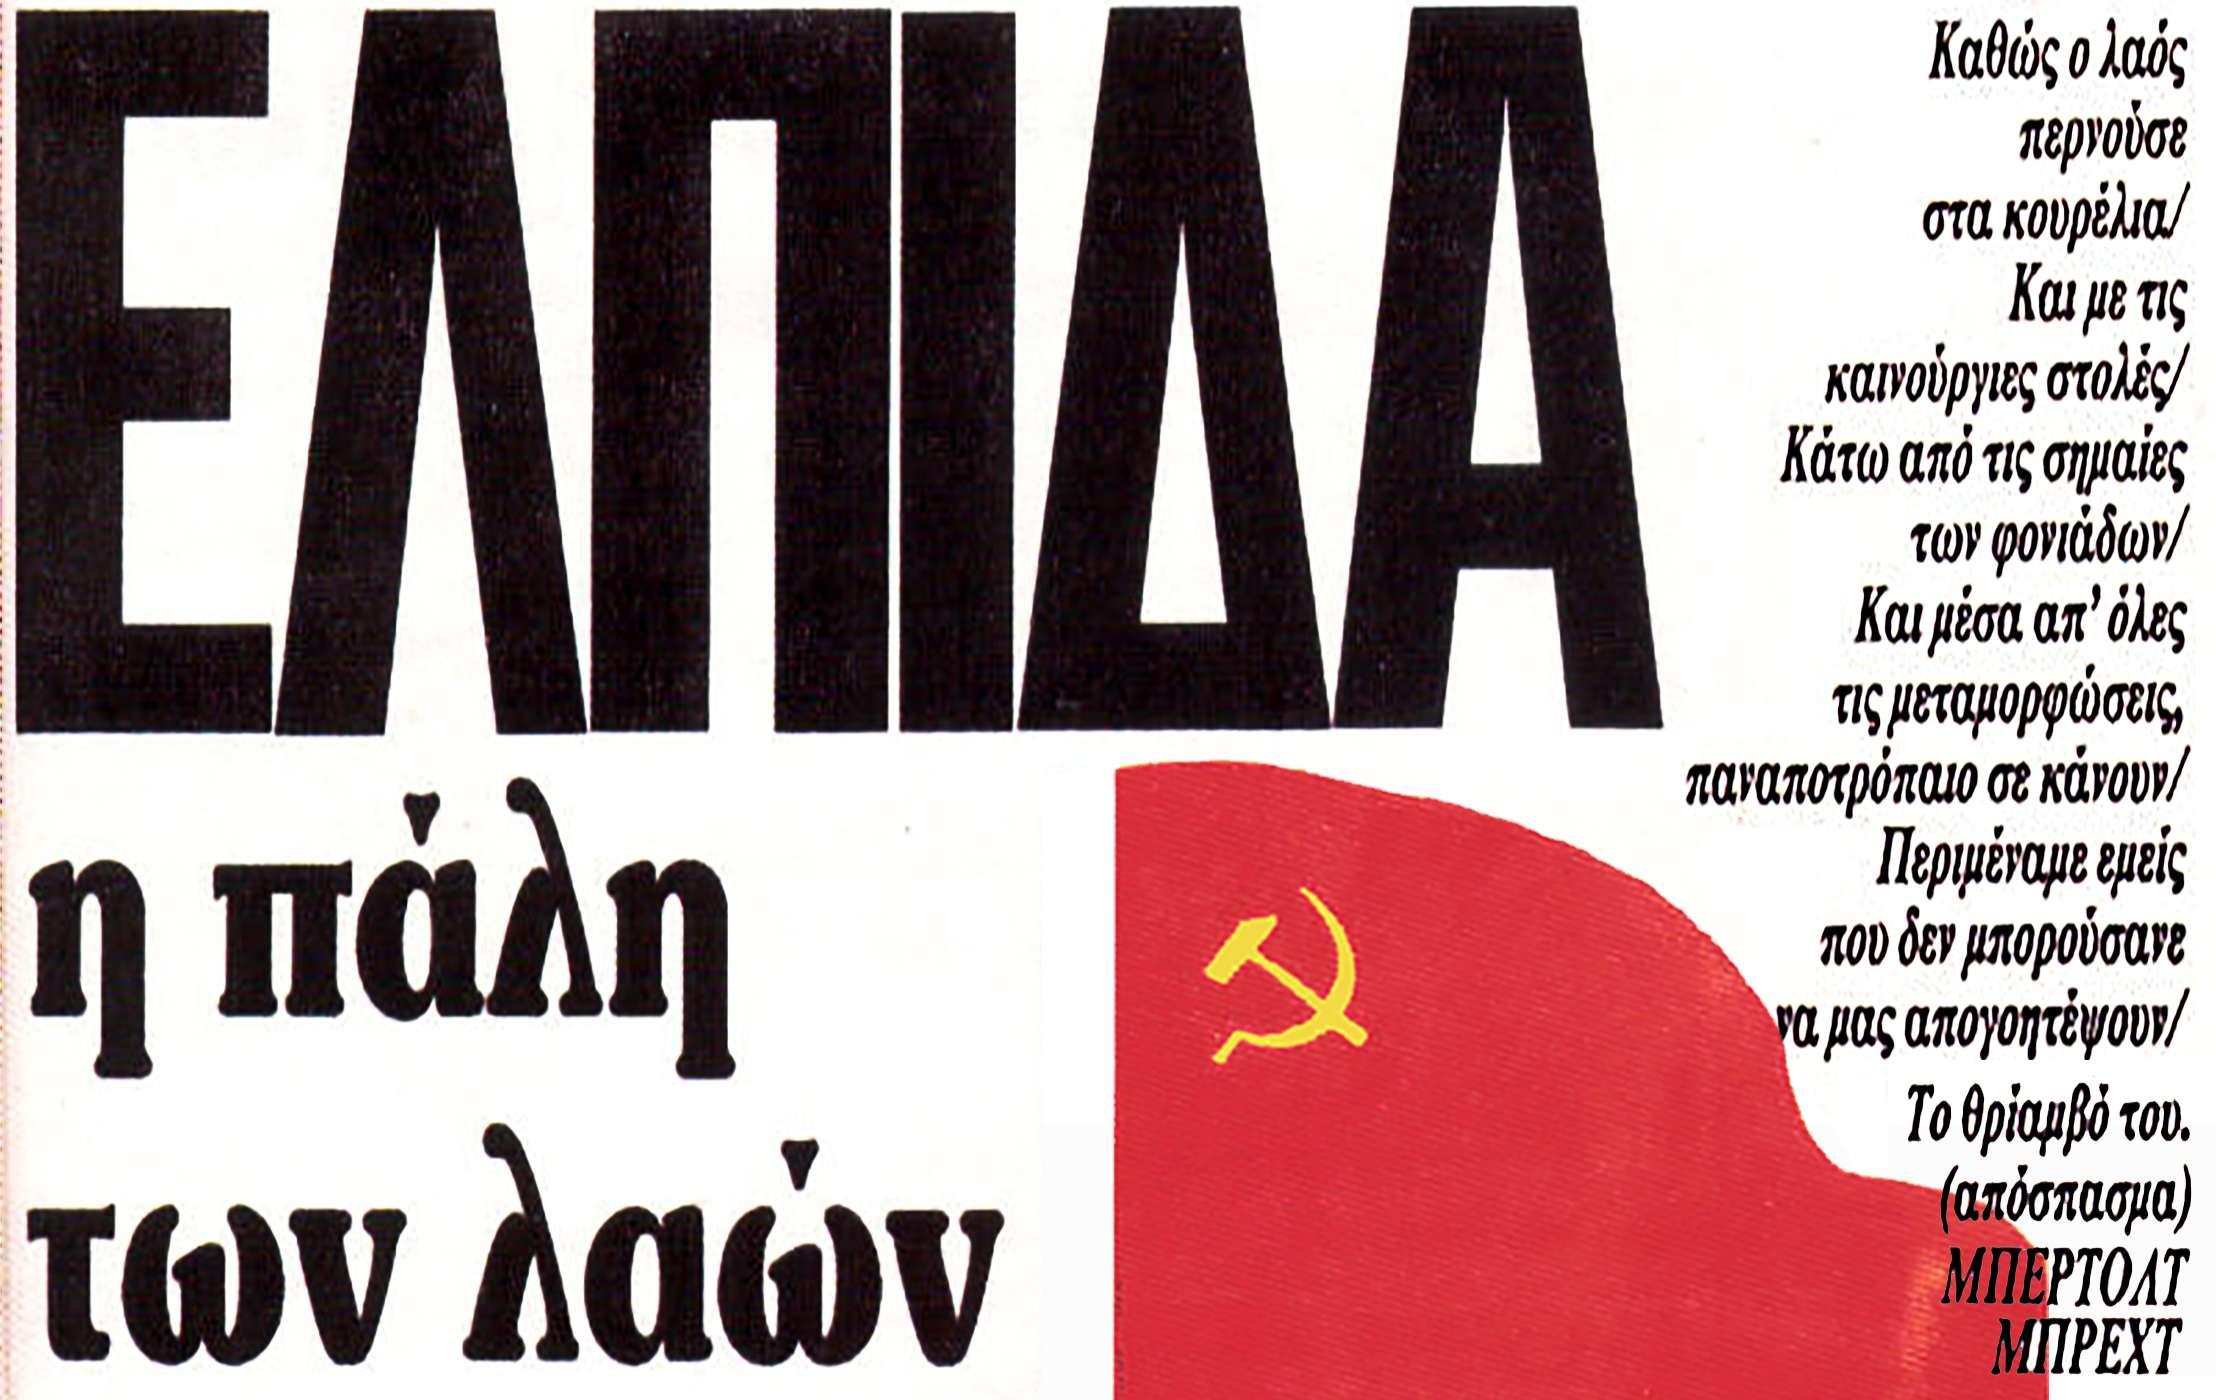 Κόκκινη σημαία Ρίζος Δεκ 91 πρωτοσέλιδο Ψηλά τη σημαία σύντροφοι